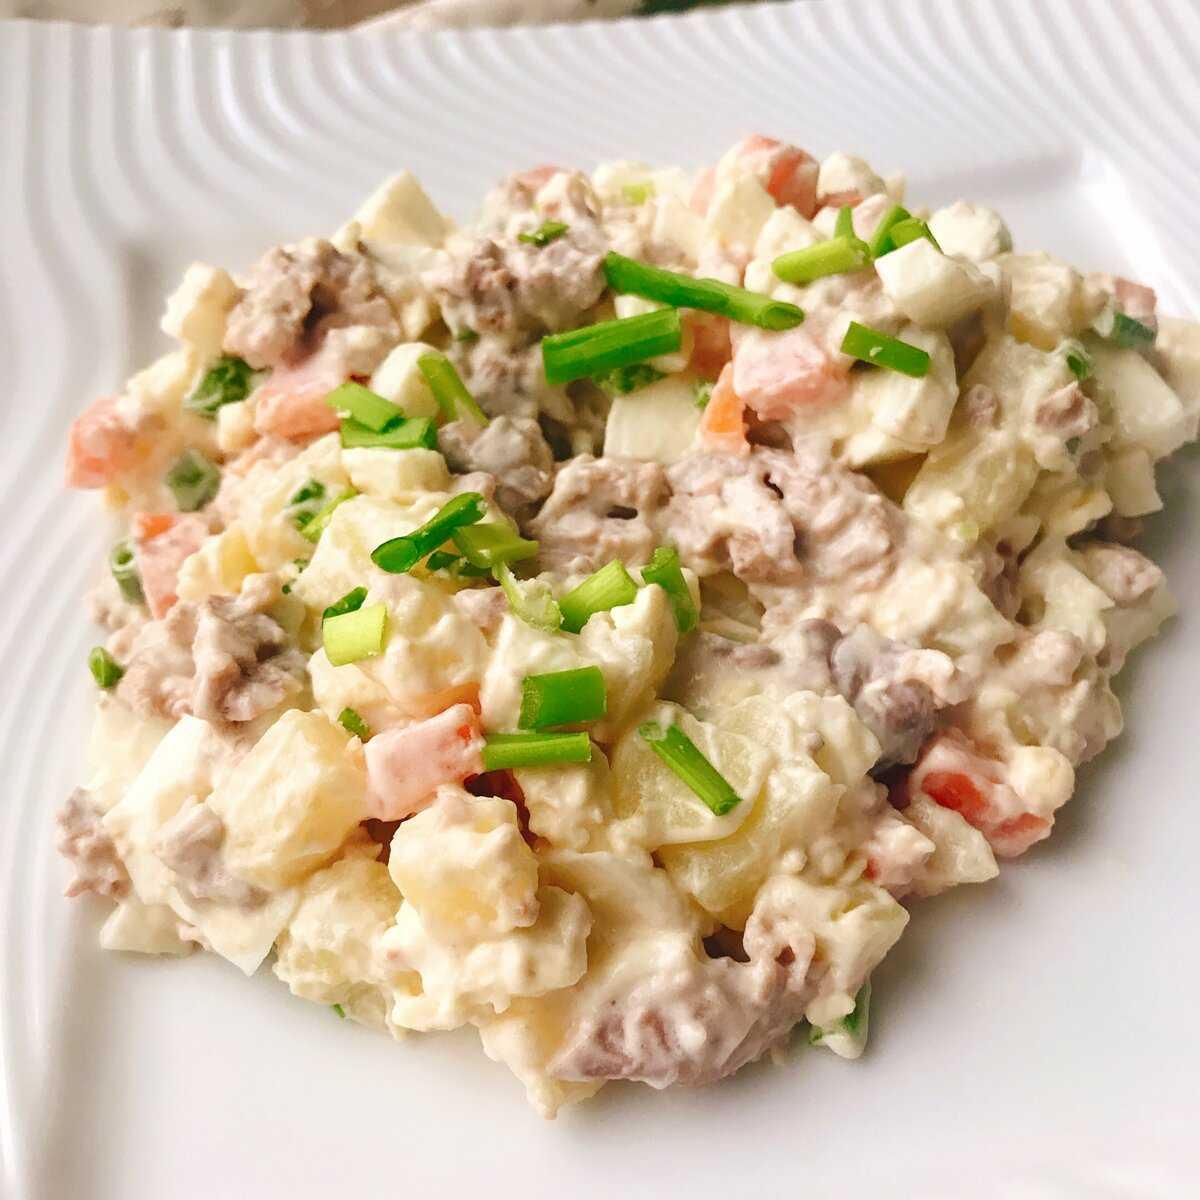 Печень трески яйца зеленый лук салат рецепт с фото пошагово - 1000.menu